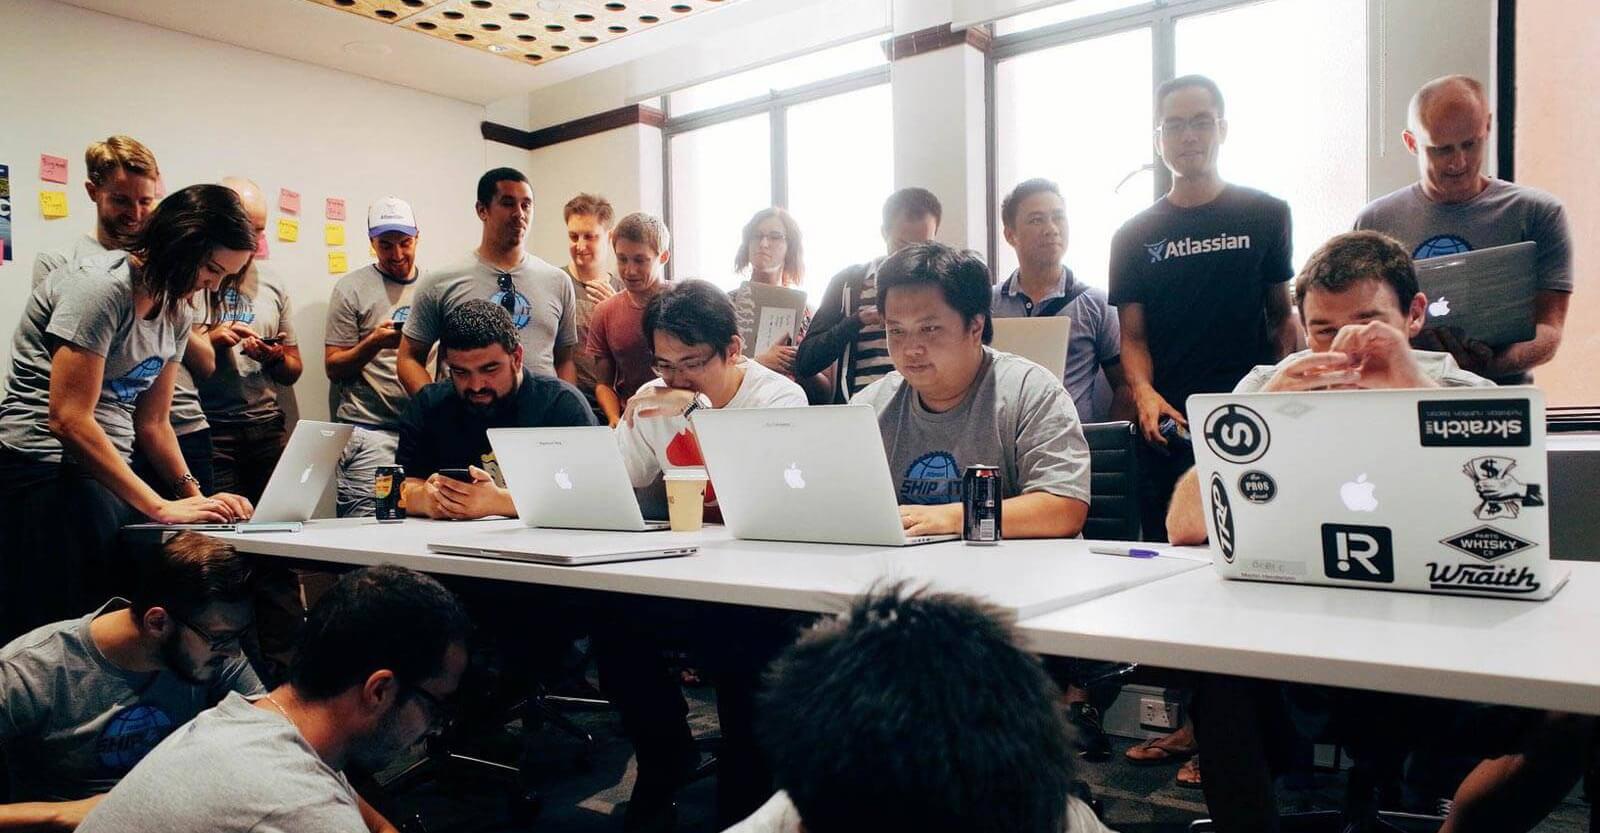 Os funcionários da Atlassian participam do dia de ShipIt